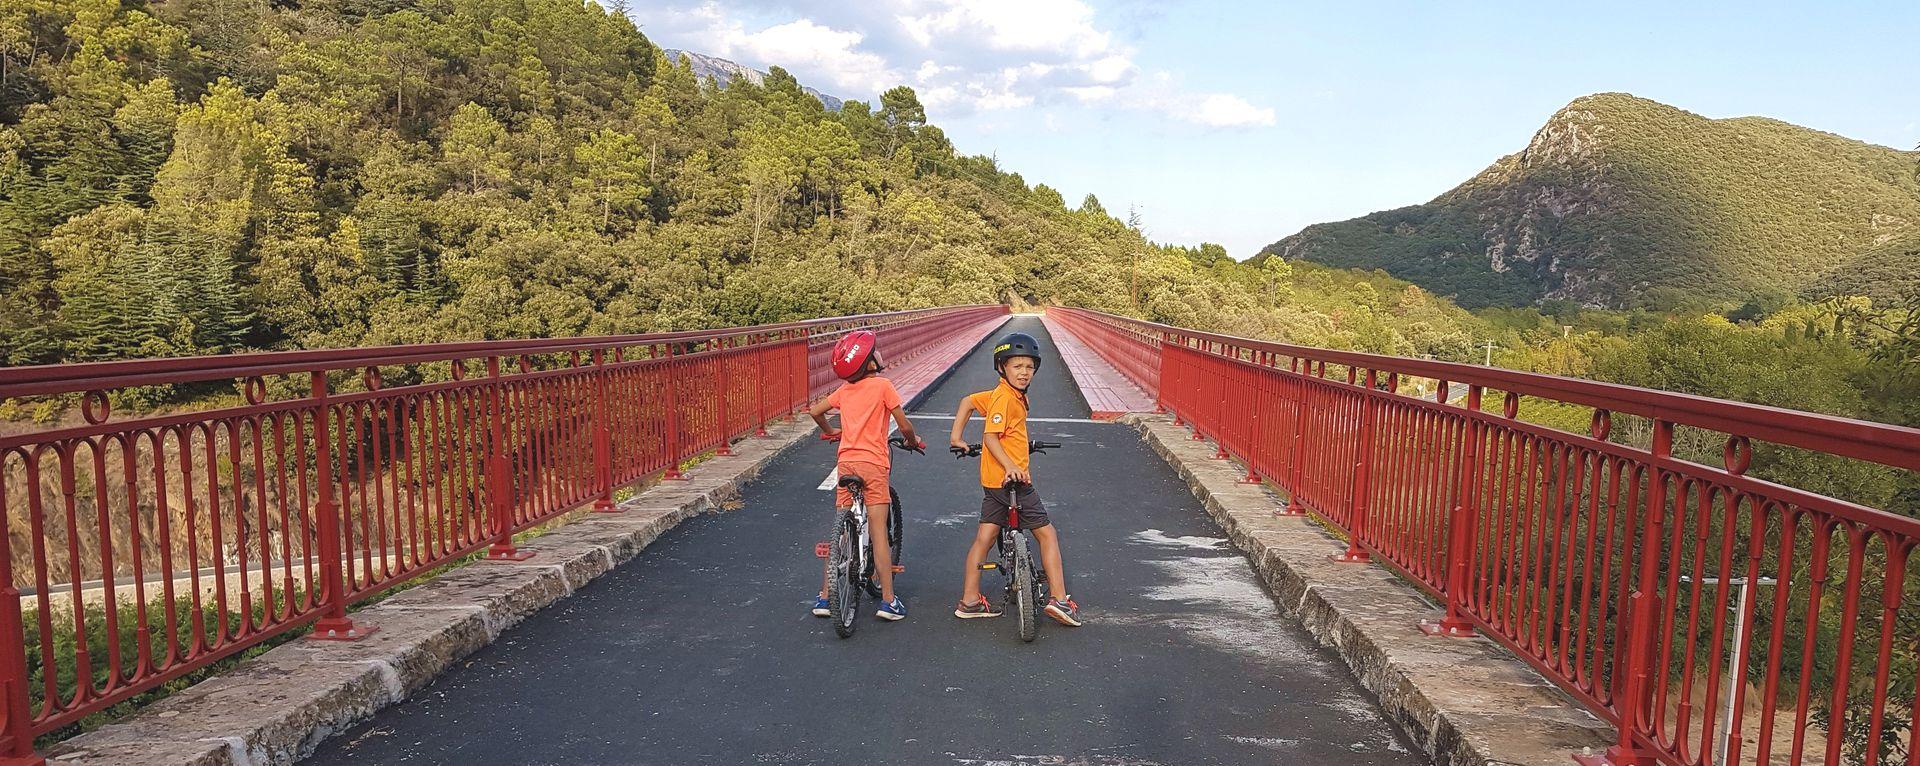 Enfants à vélo sur le pont type Eiffel d'Olargues